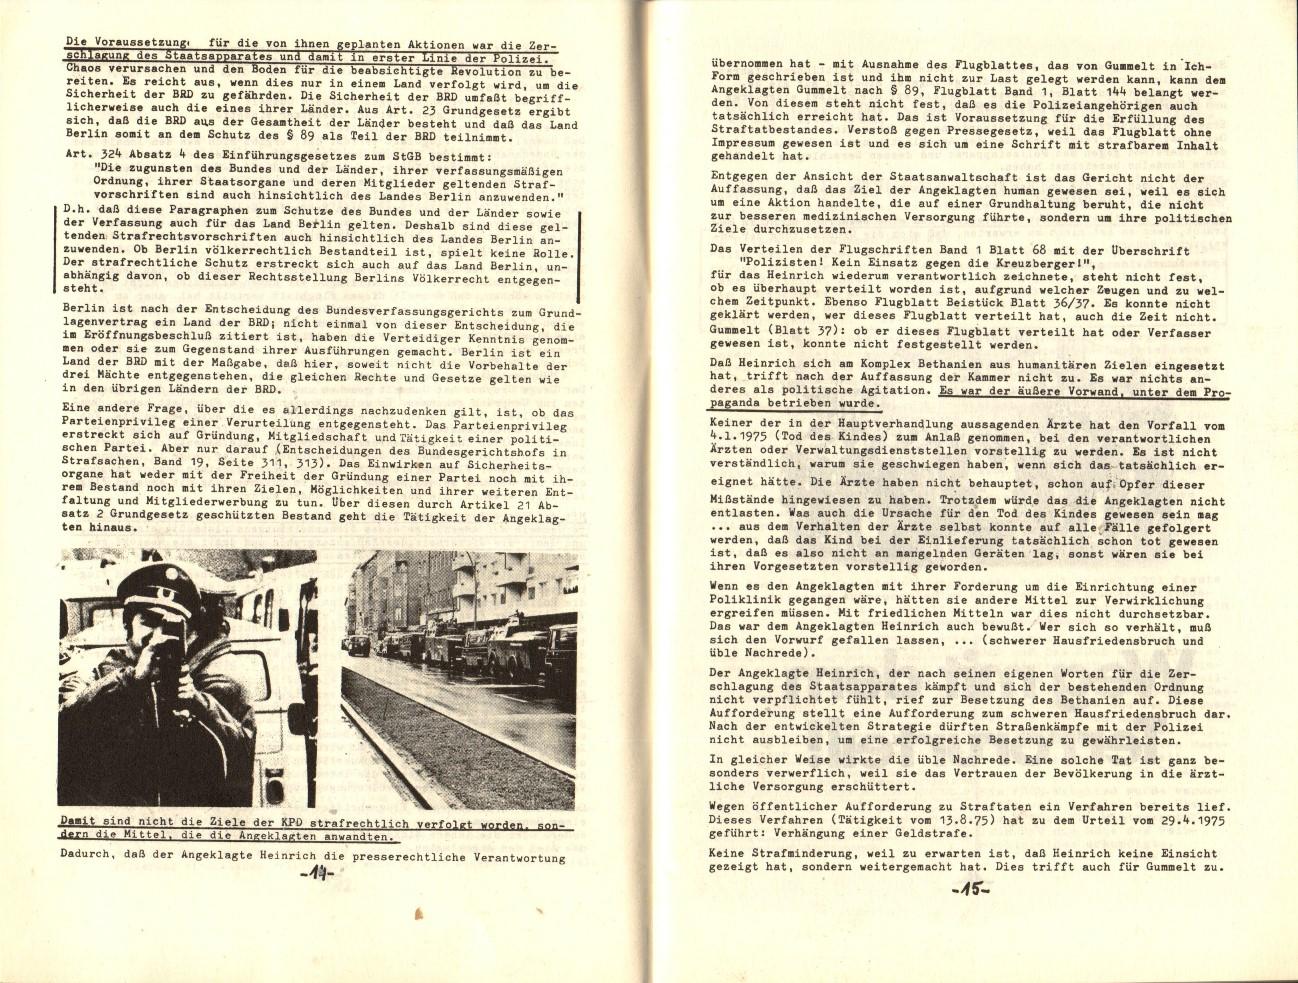 Berlin_KPD_1976_Staatsschutzprozess02_09